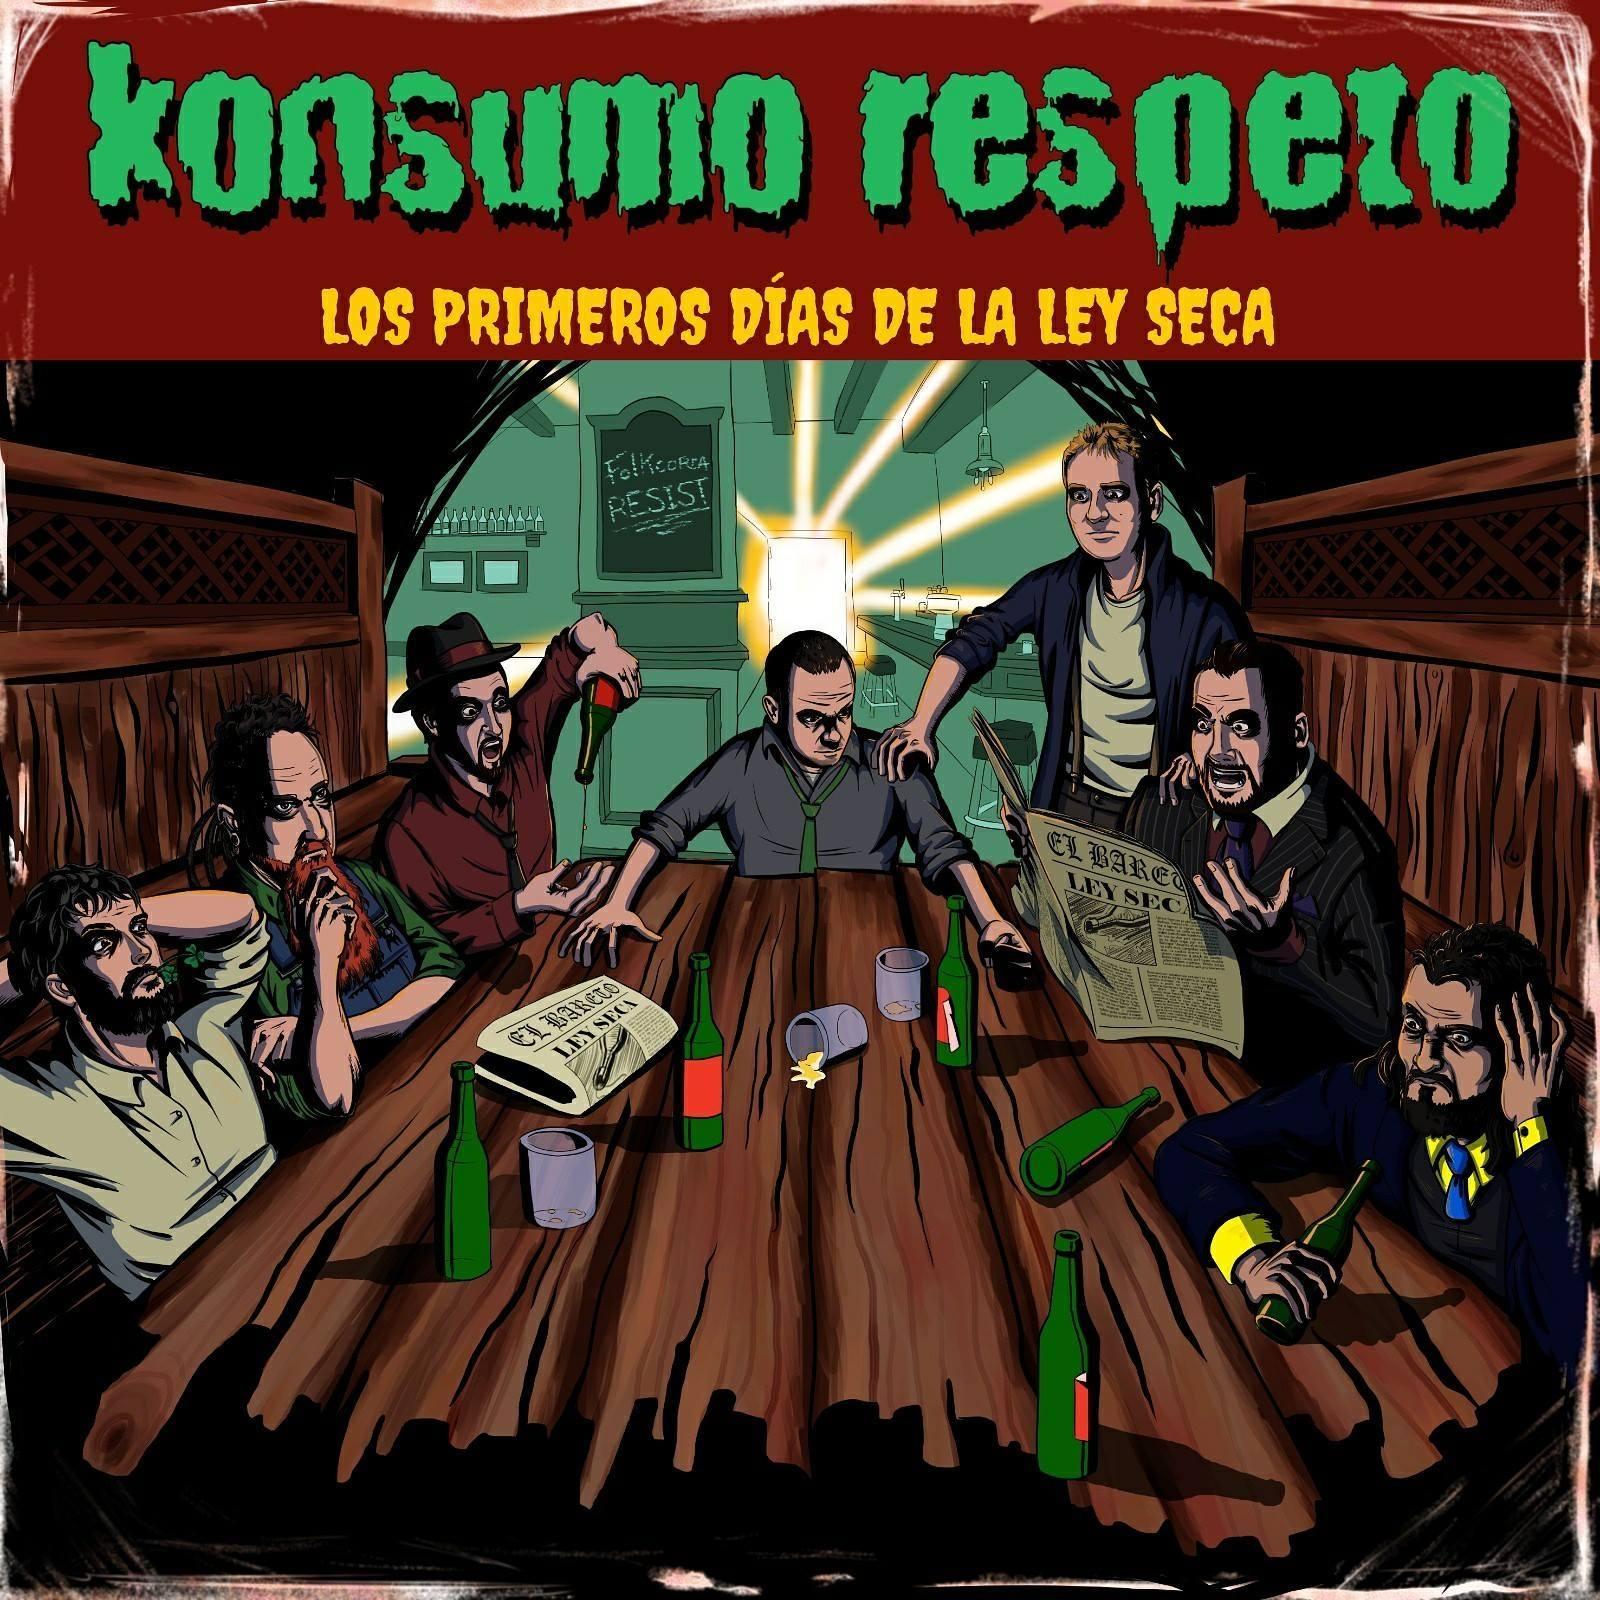 KONSUMO RESPETO actuarán en Colombia, México, Argentina y Chile